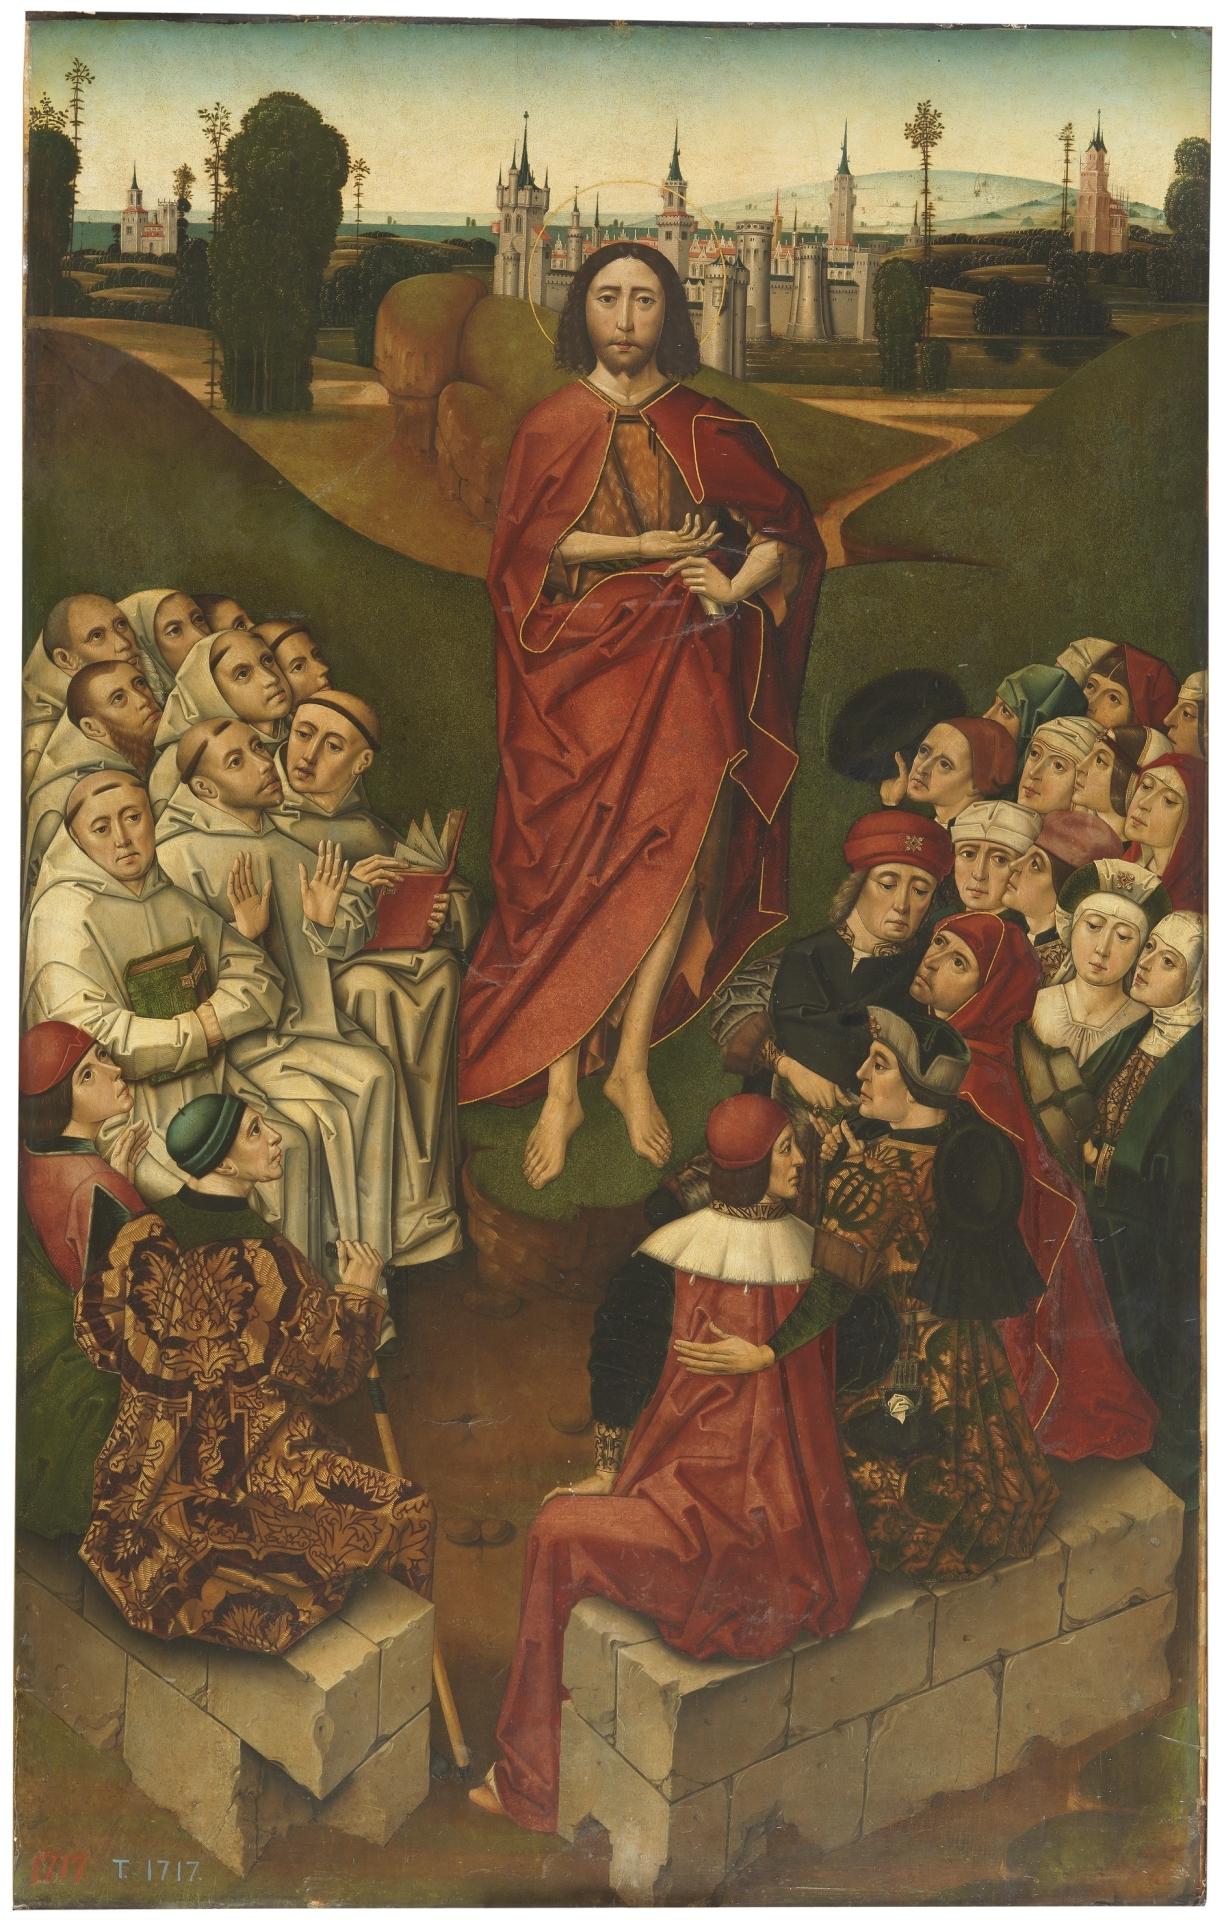 La predicación de San Juan Bautista - Colección - Museo Nacional del Prado